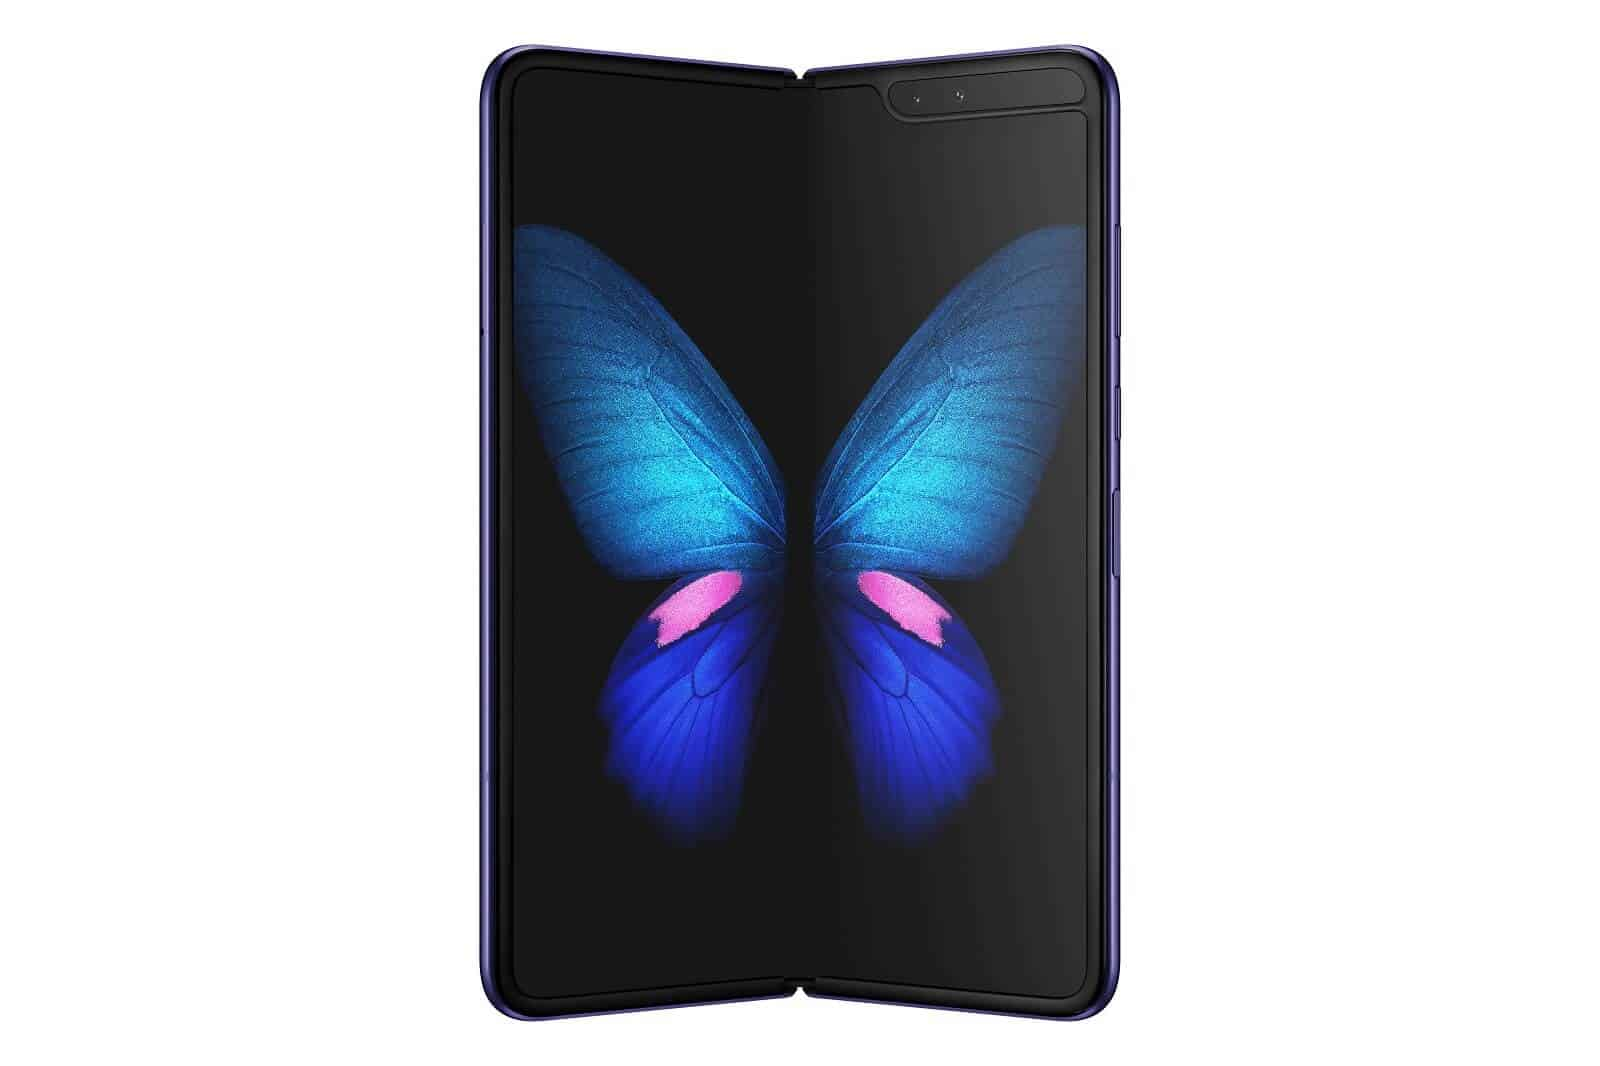 Samsung Galaxy Fold 02 1